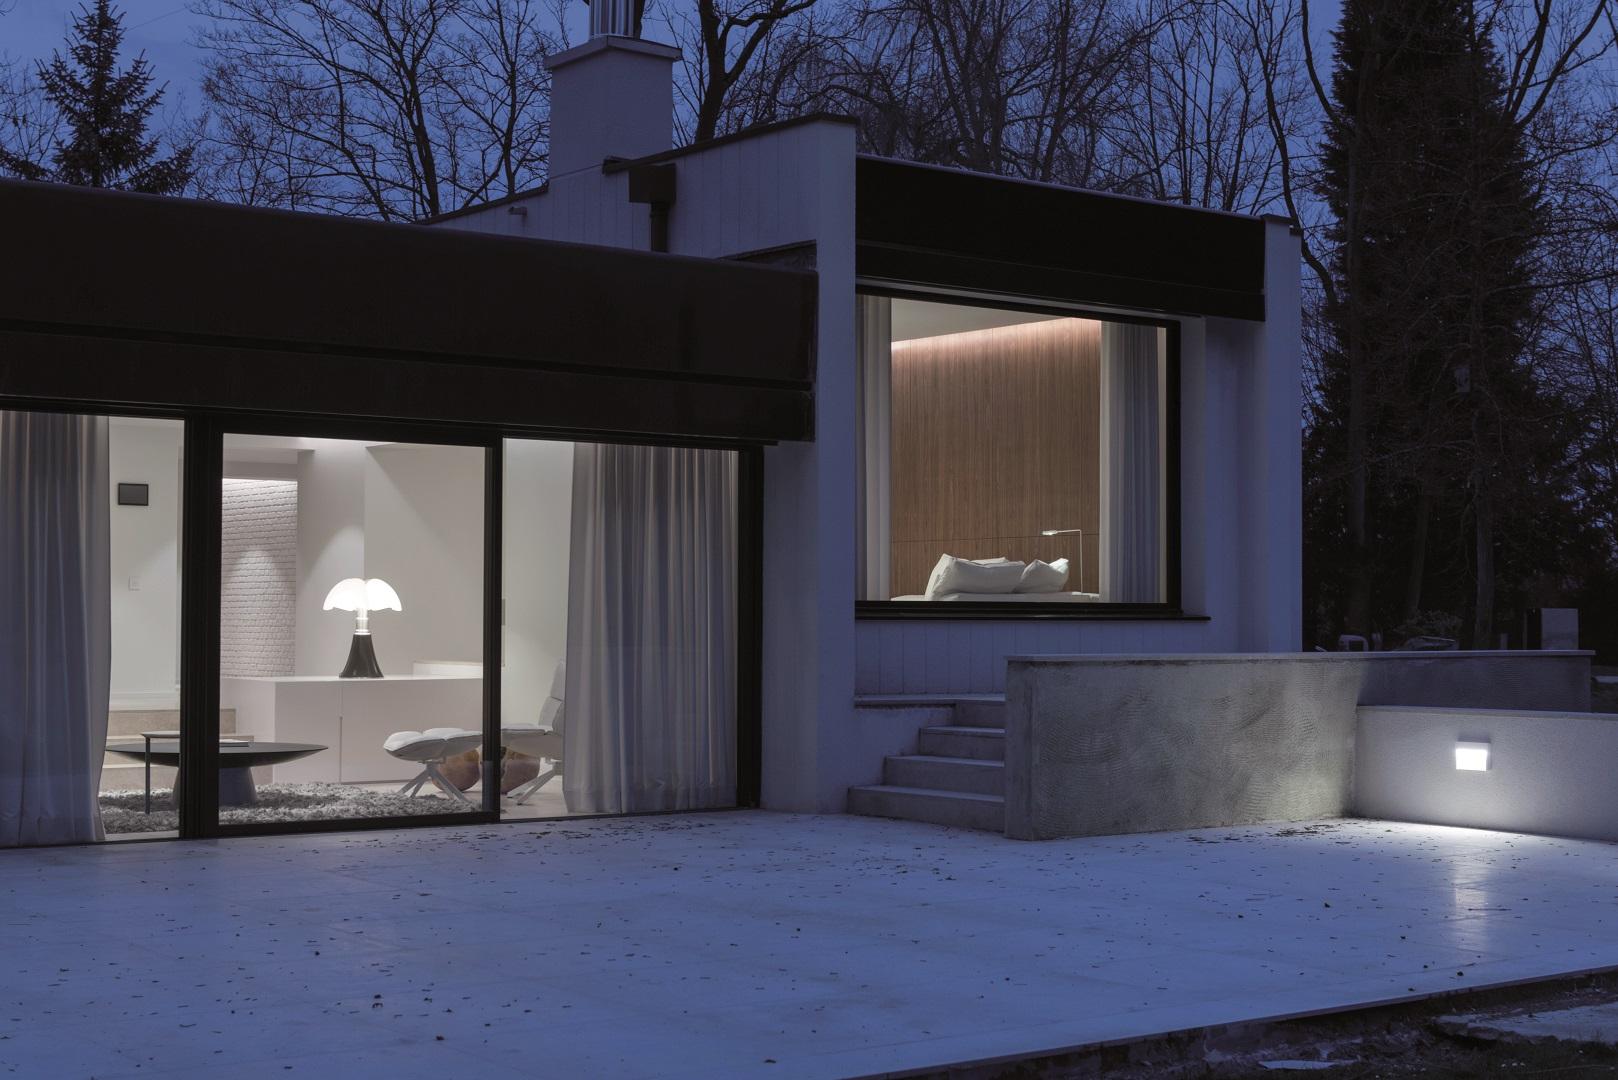 r interpr tation d une maison cubique des ann es 70 icone magazine. Black Bedroom Furniture Sets. Home Design Ideas